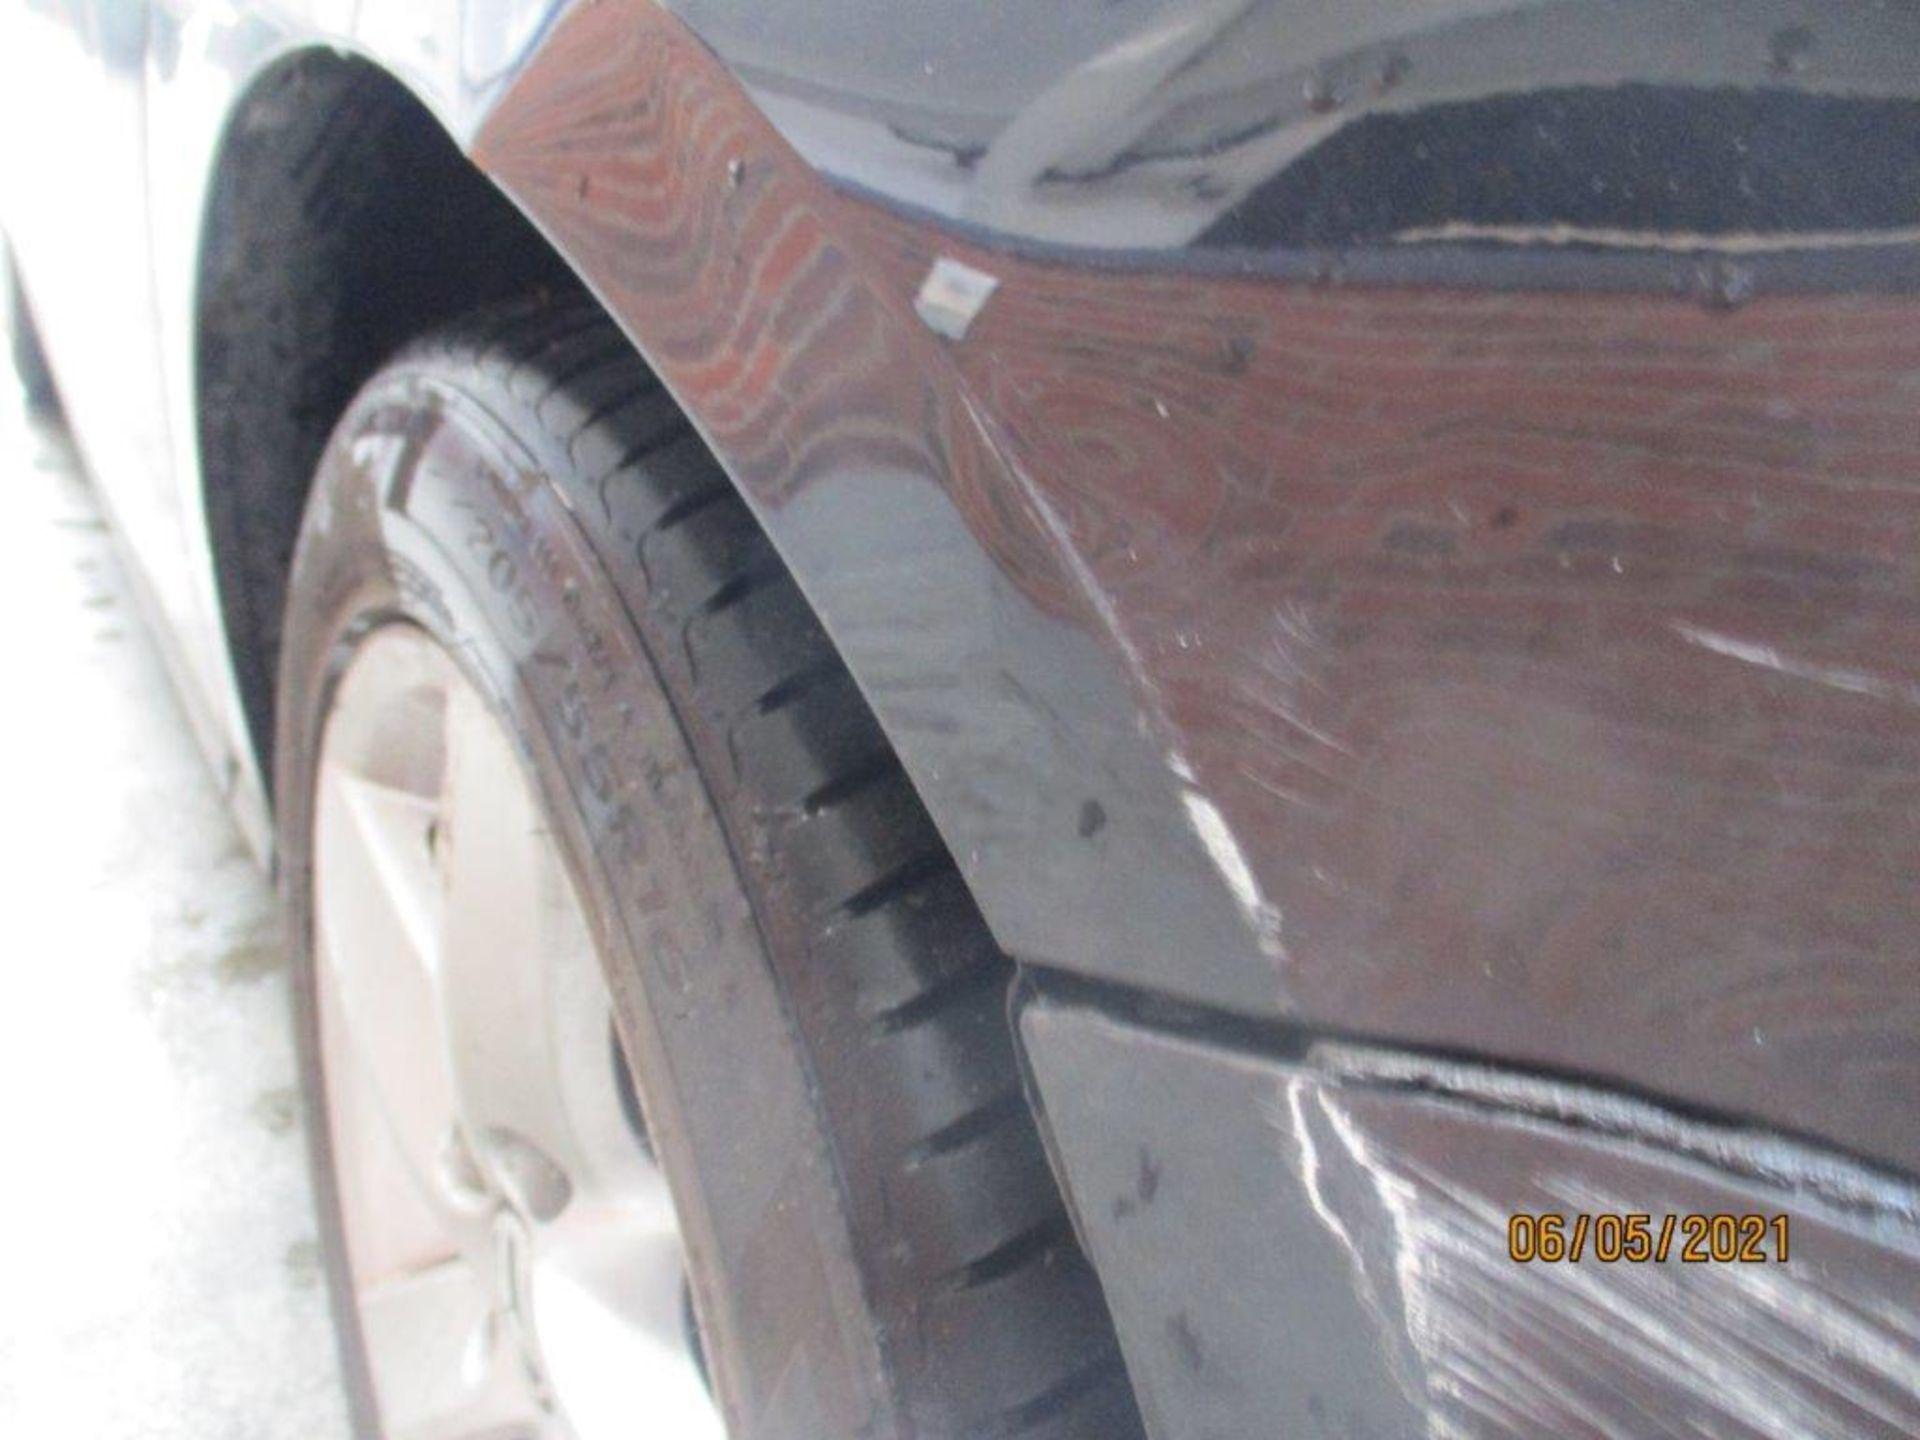 13 13 VW Passat S Bluemotion Tech - Image 10 of 29